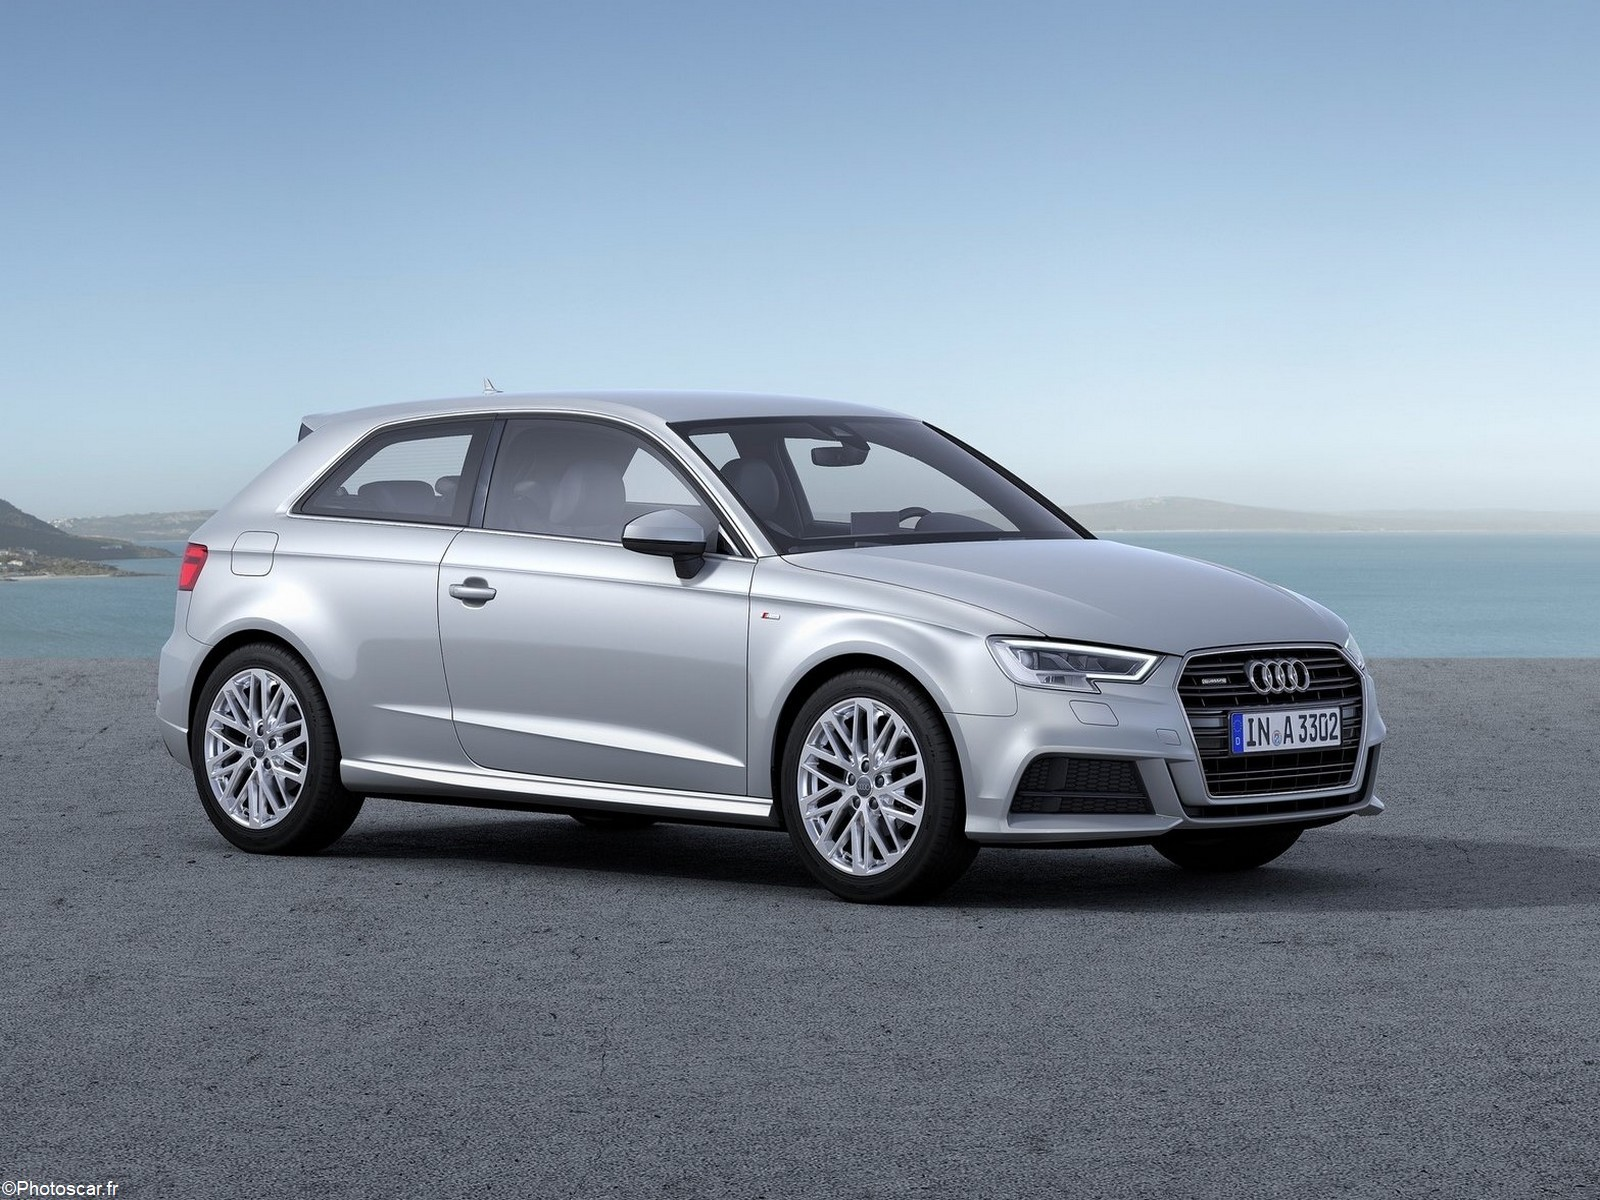 Audi A3 2017: aides à la conduite et motorisations performantes.